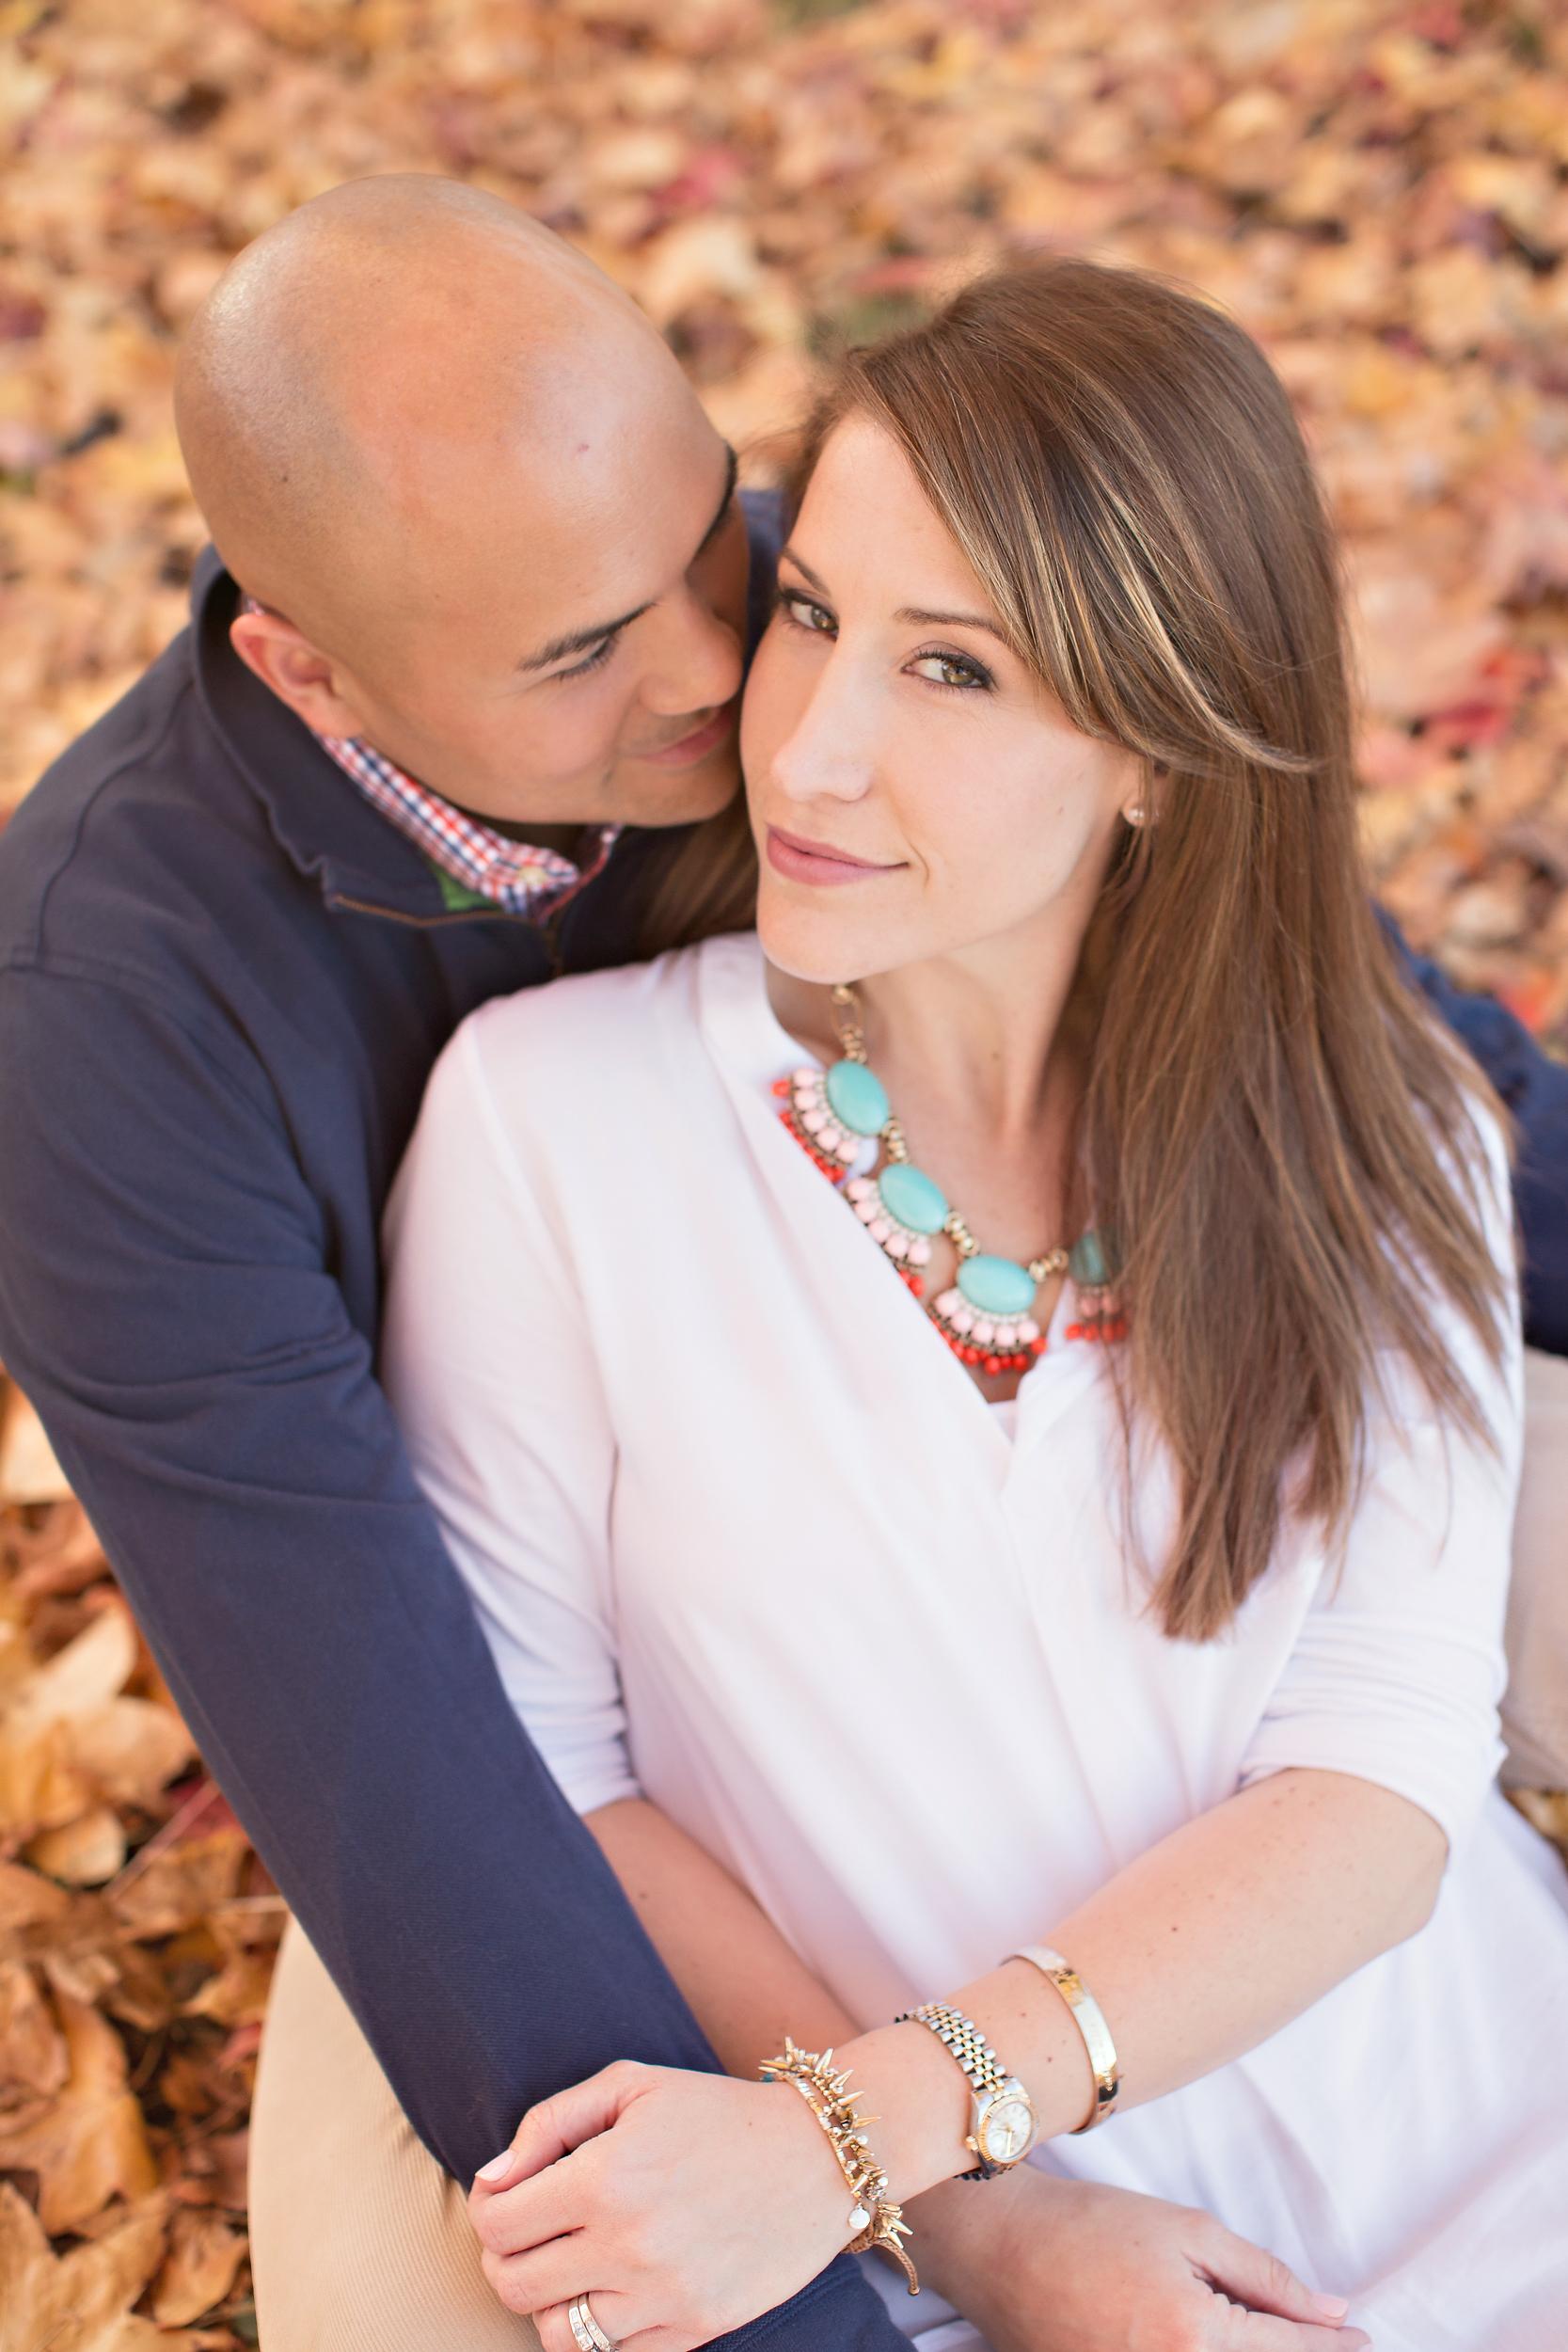 St-Louis-Engagement-Wedding-Photographer-AshlePhoto_0031.JPG